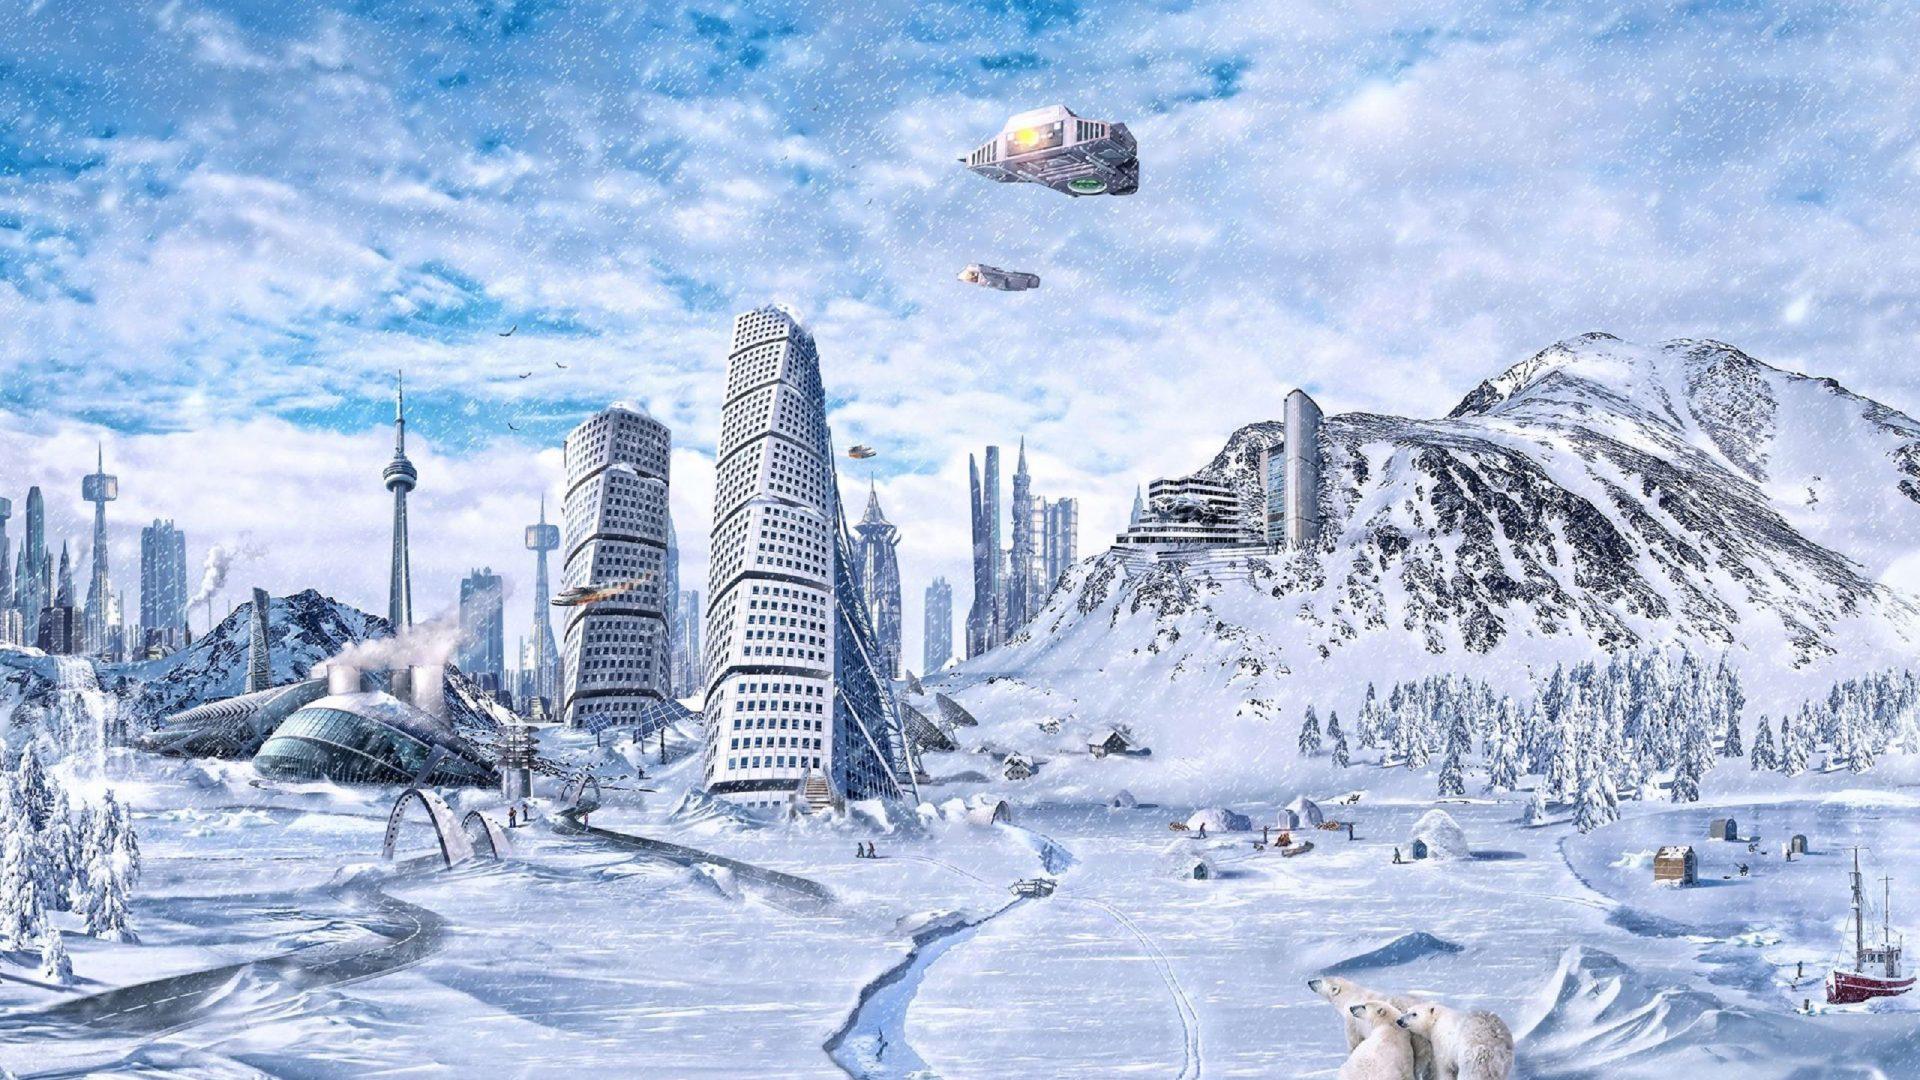 простой картинки зима фантастика получается очень